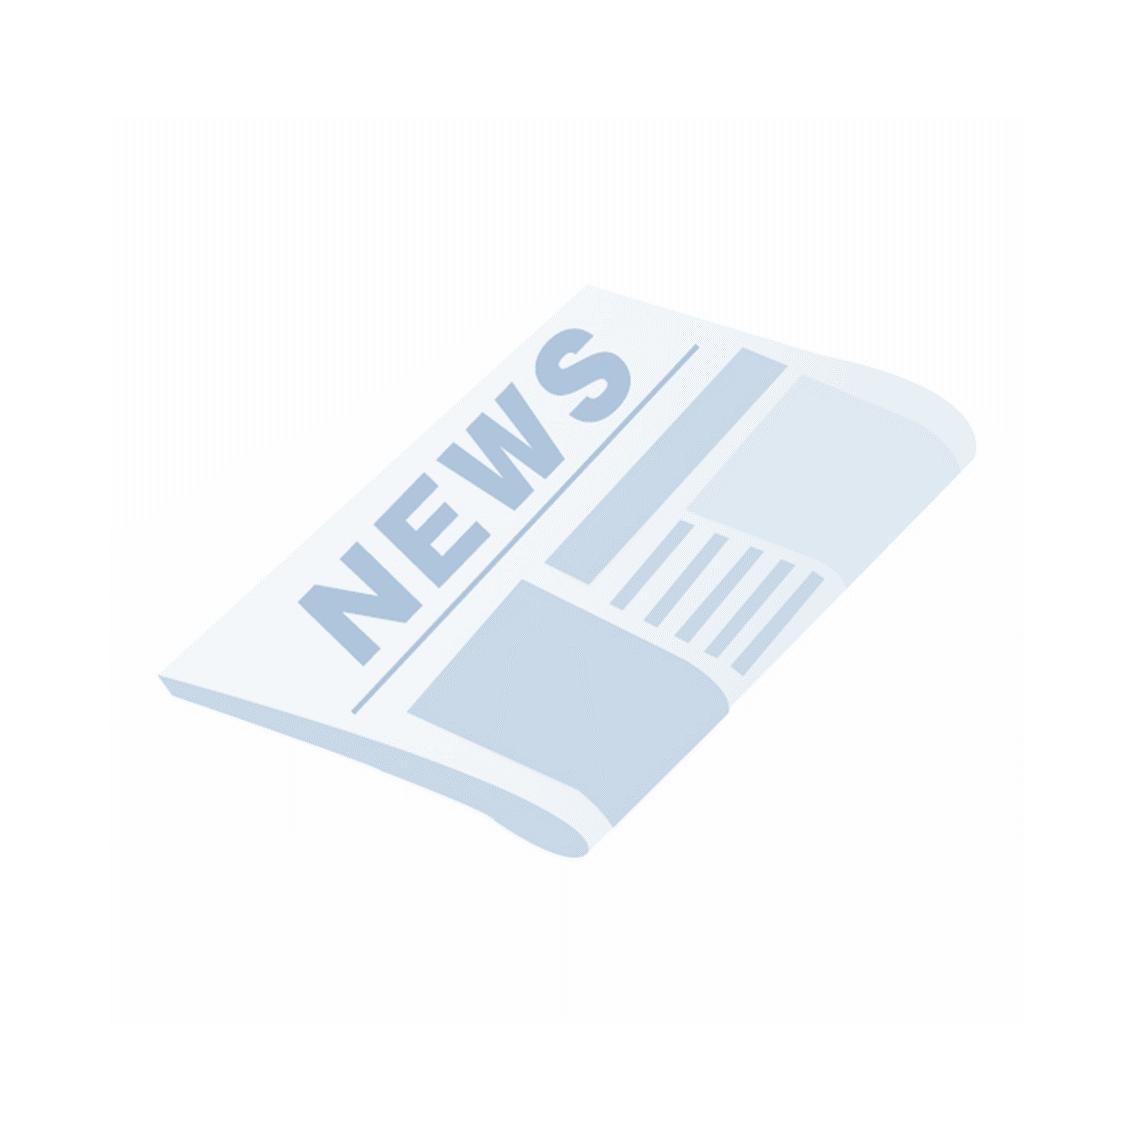 朝日新聞デジタル&M 2020.01.30(THU) / エコテックス(R)最高峰のラベル「MADE IN GREEN by OEKO-TEX(R)」日本第1号に「ミドリ安全」